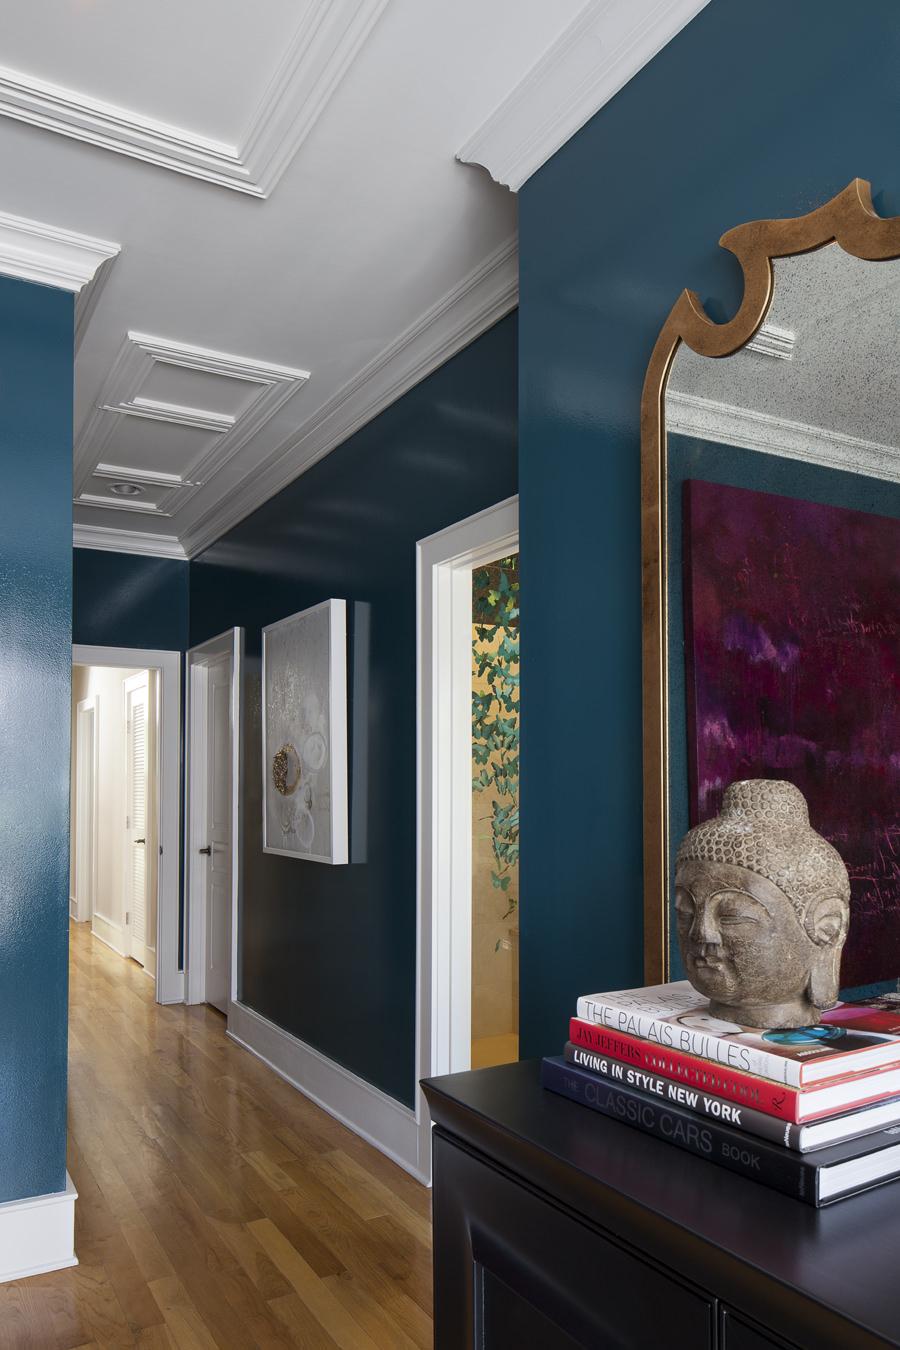 Глянцевая краска на стене в коридоре